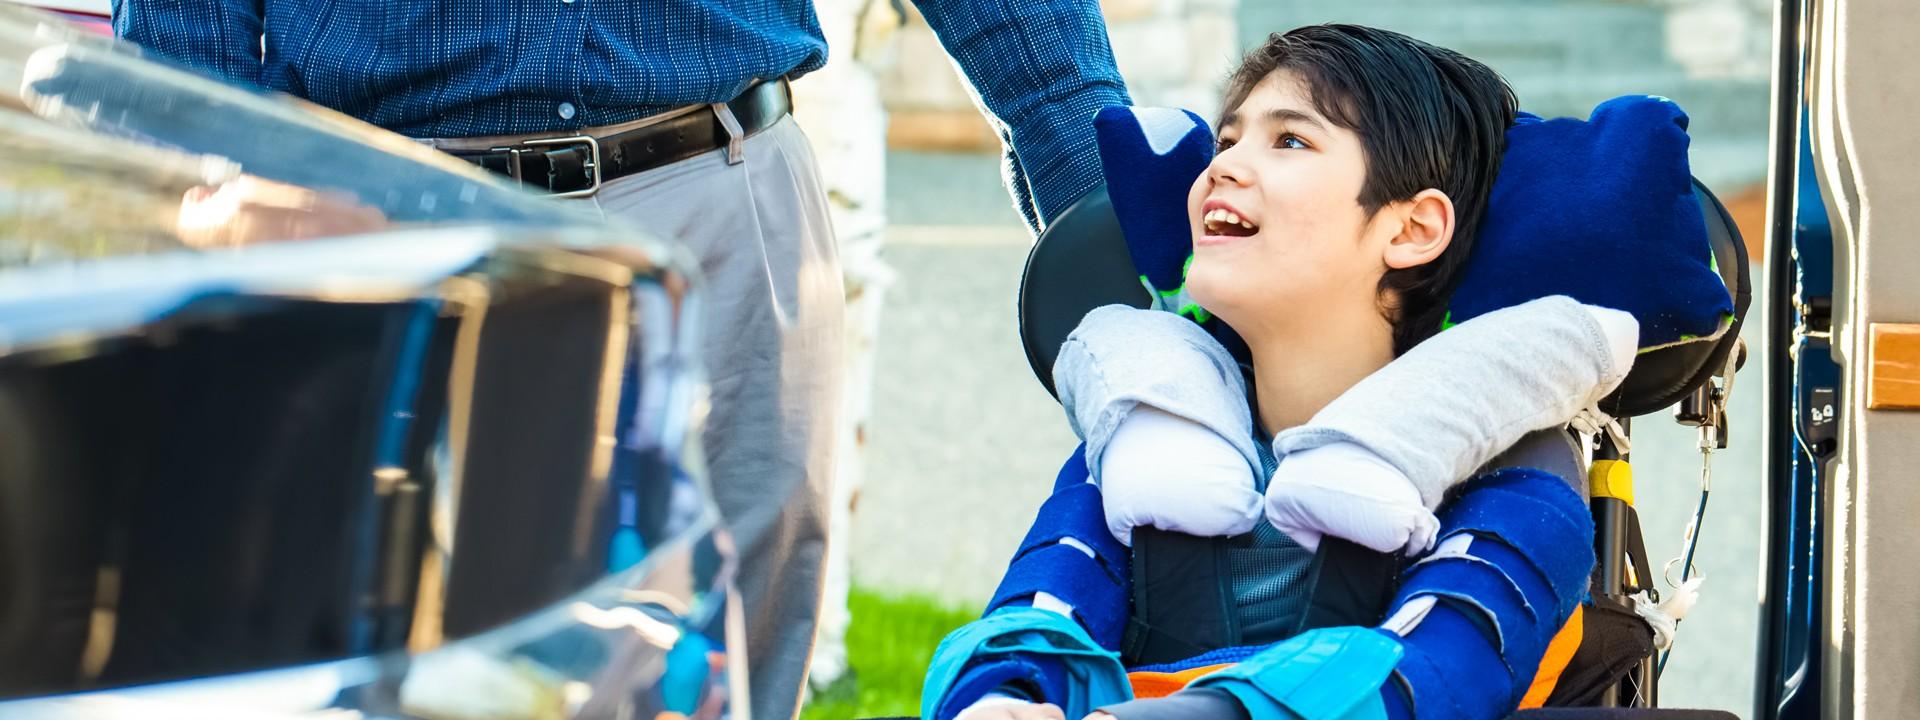 Ein Kind sitzt im Rollstuhl und wird von einem Erwachsenem geschoben.